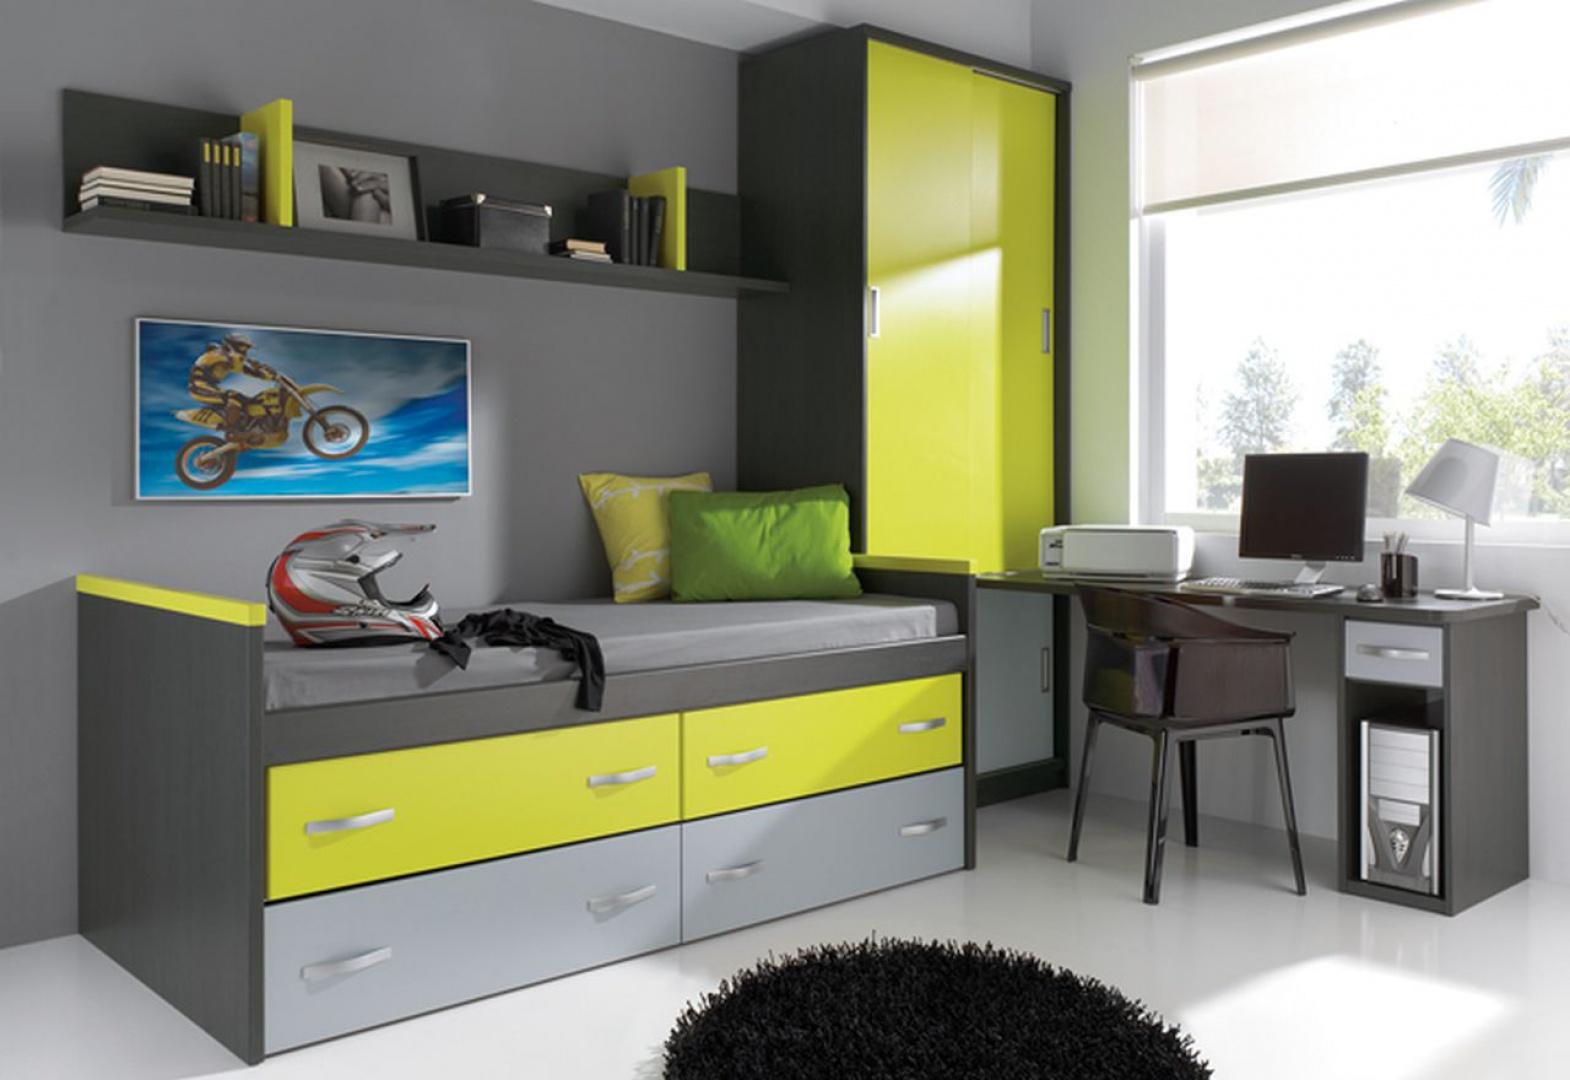 Мебель для подростков - корпусная мебель на заказ в самаре.